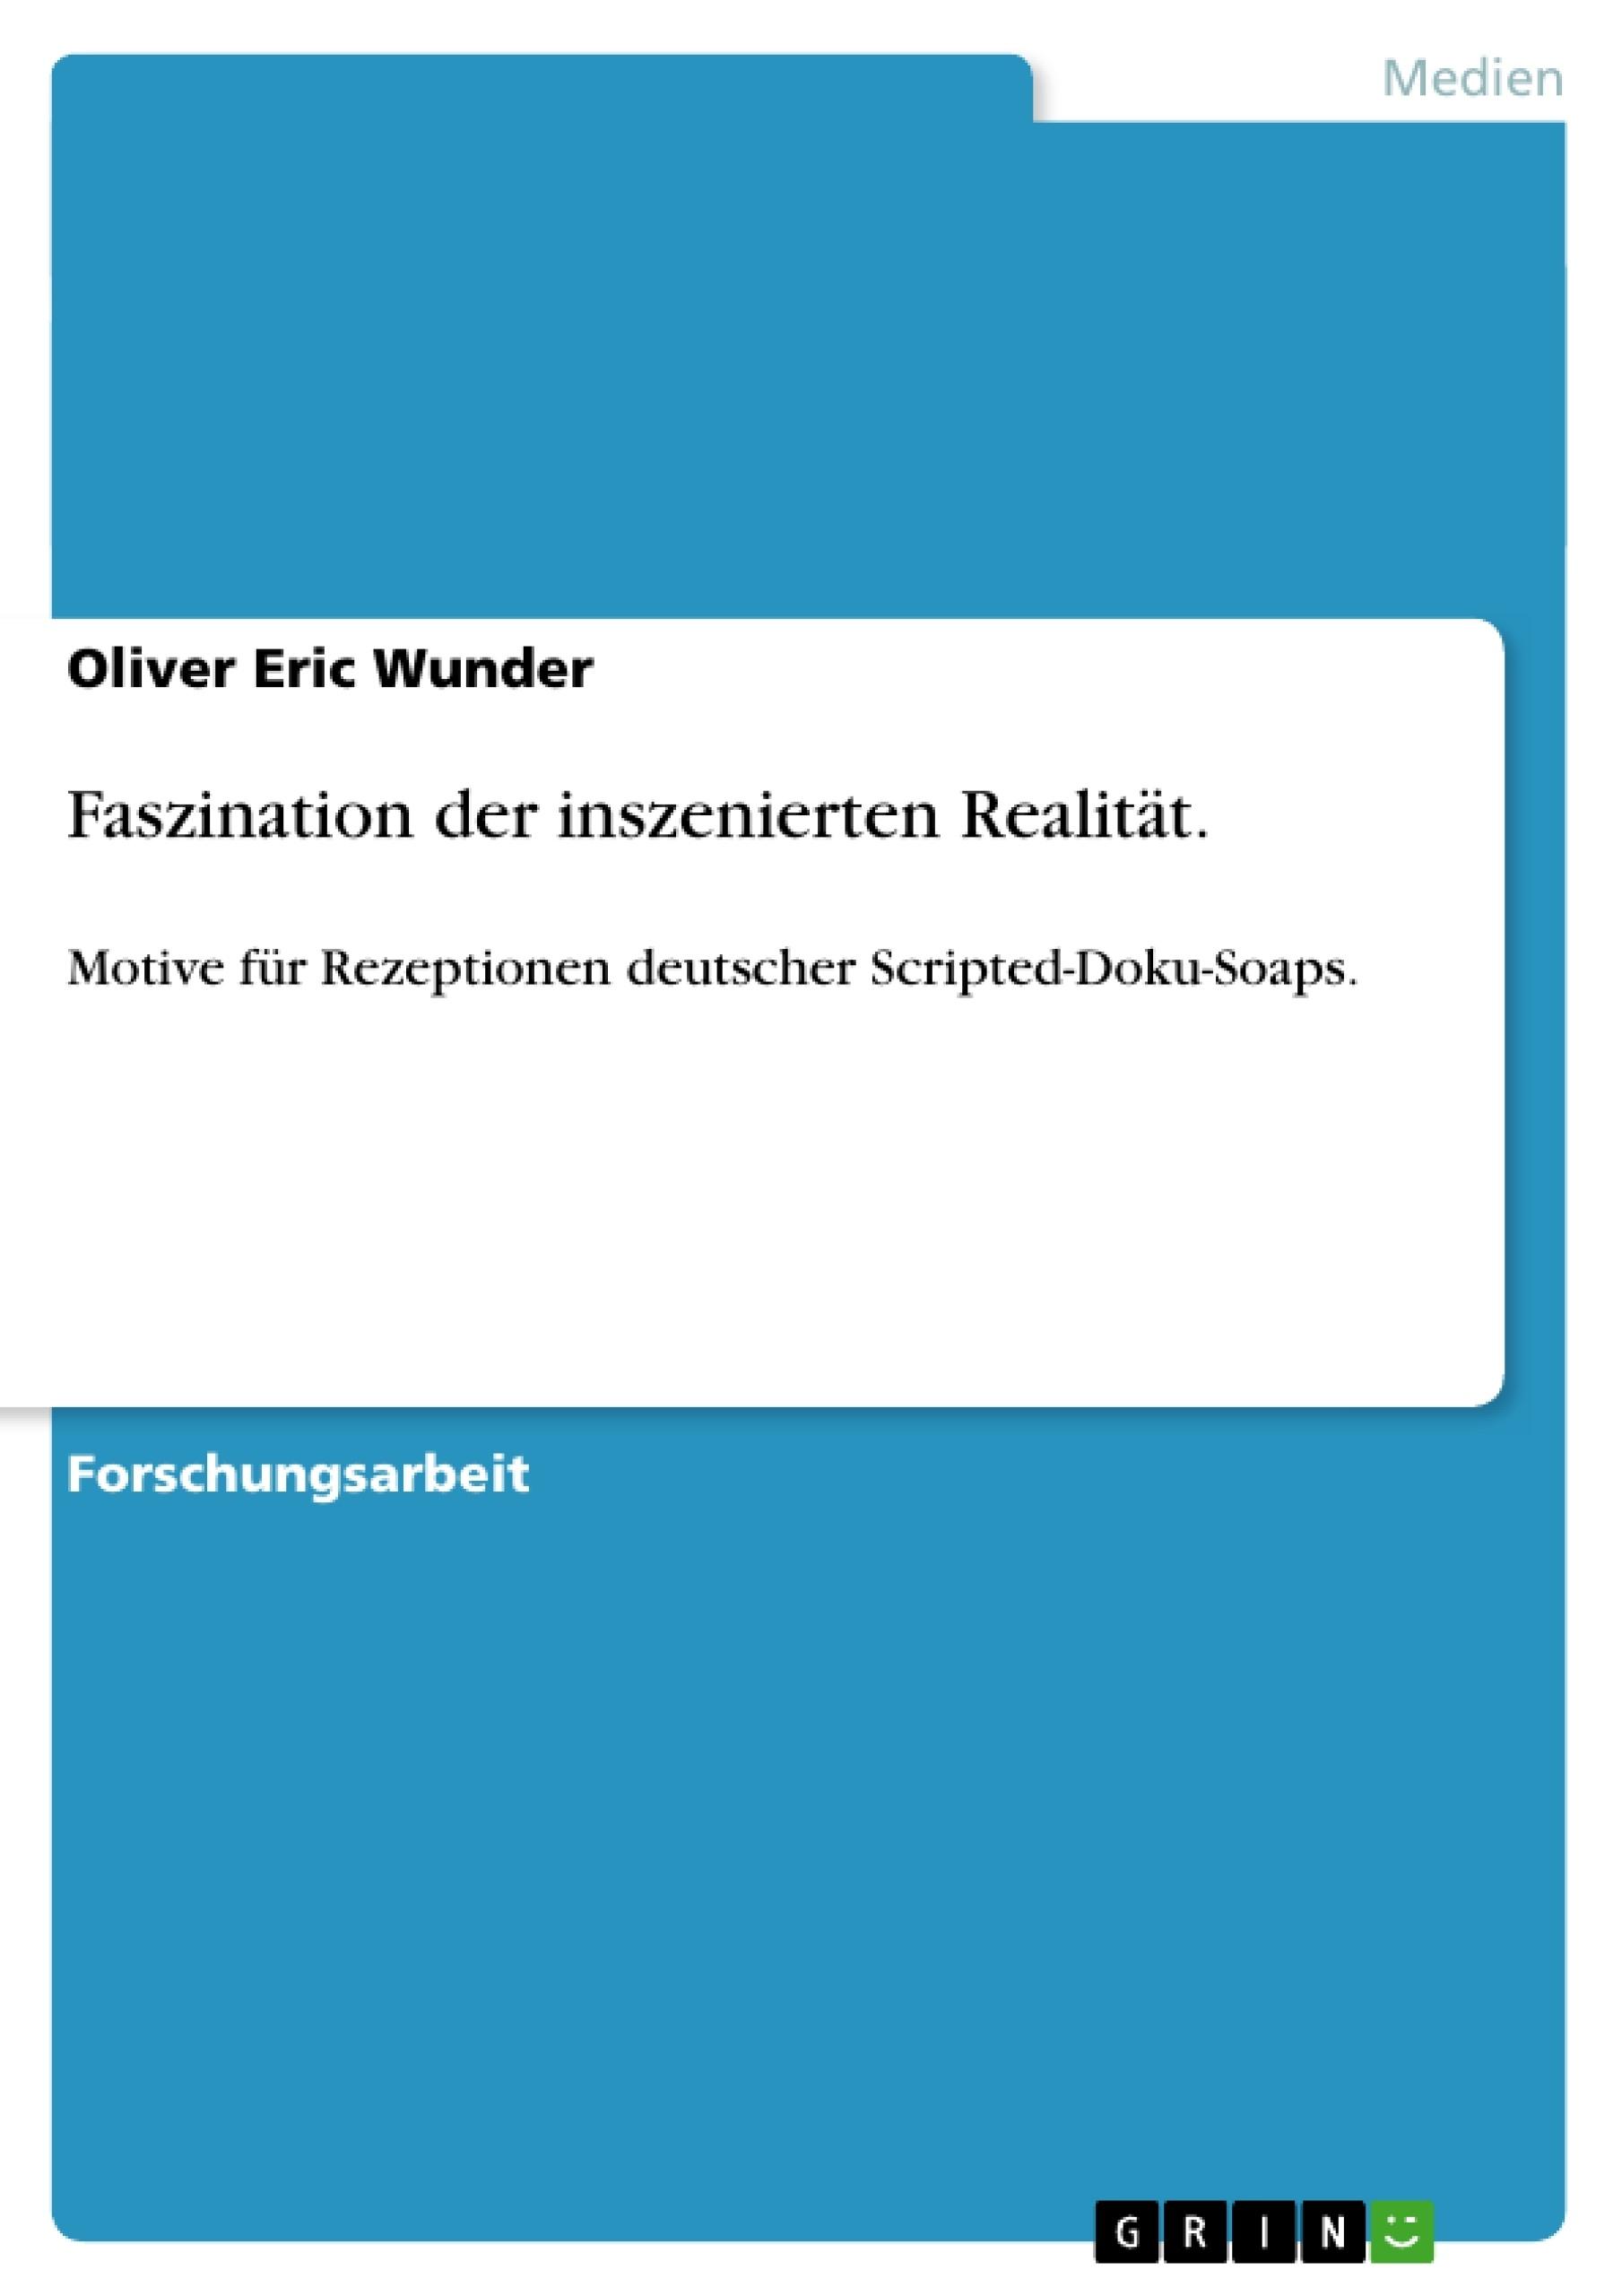 Titel: Faszination der inszenierten Realität.